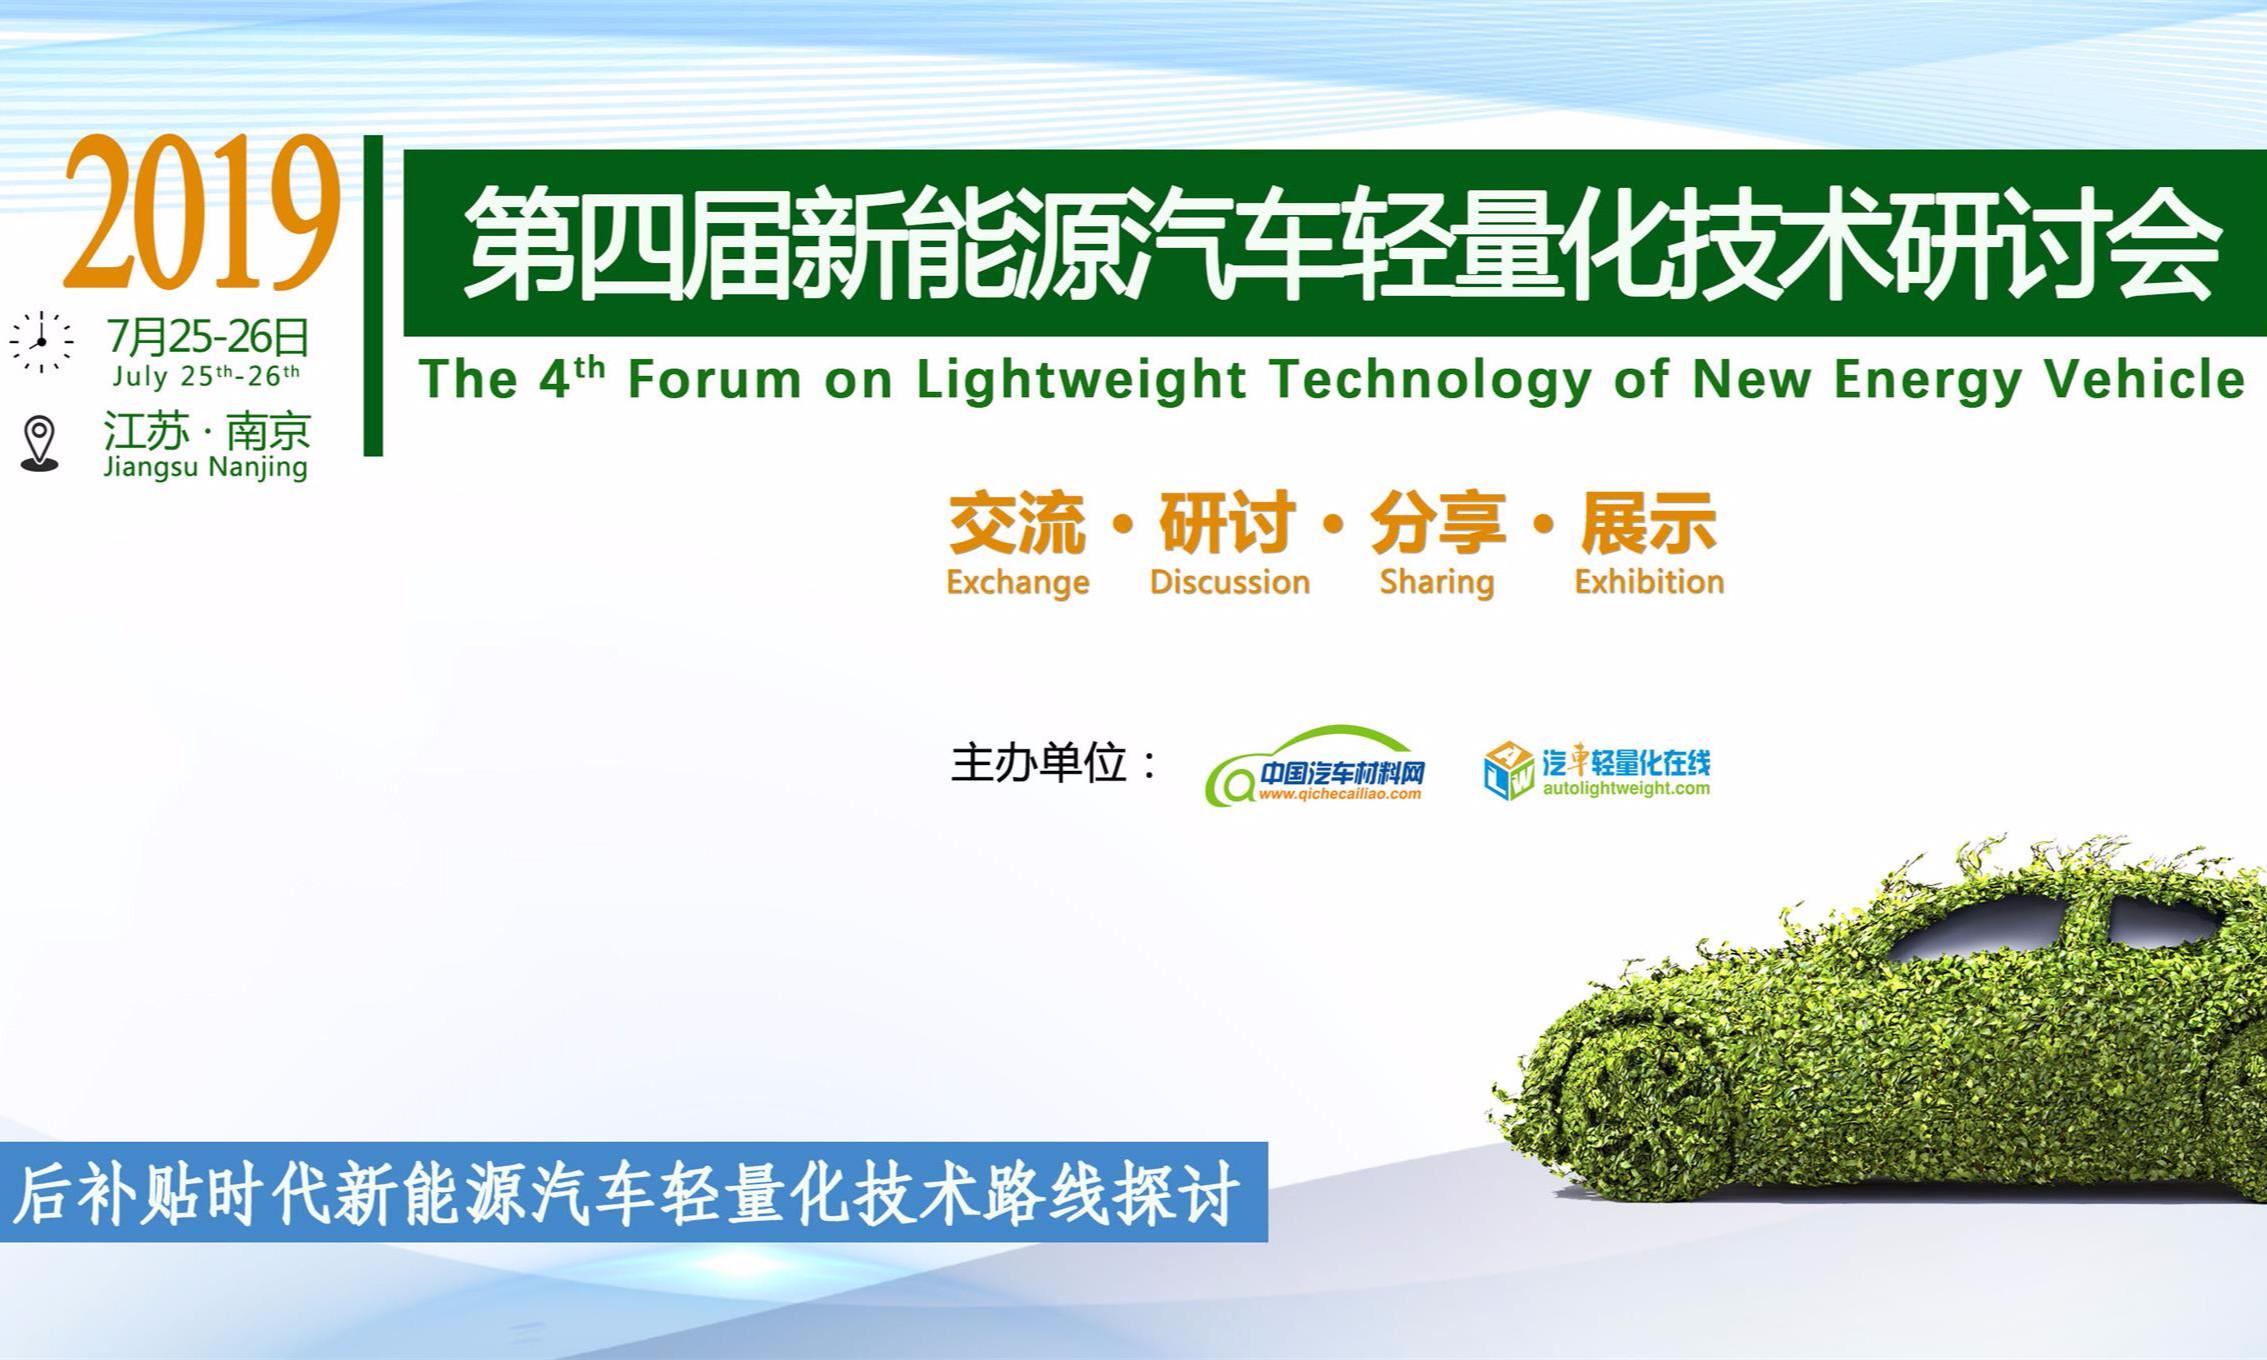 2019(第四届)新能源汽车轻量化?#38469;?#30740;讨会|南京